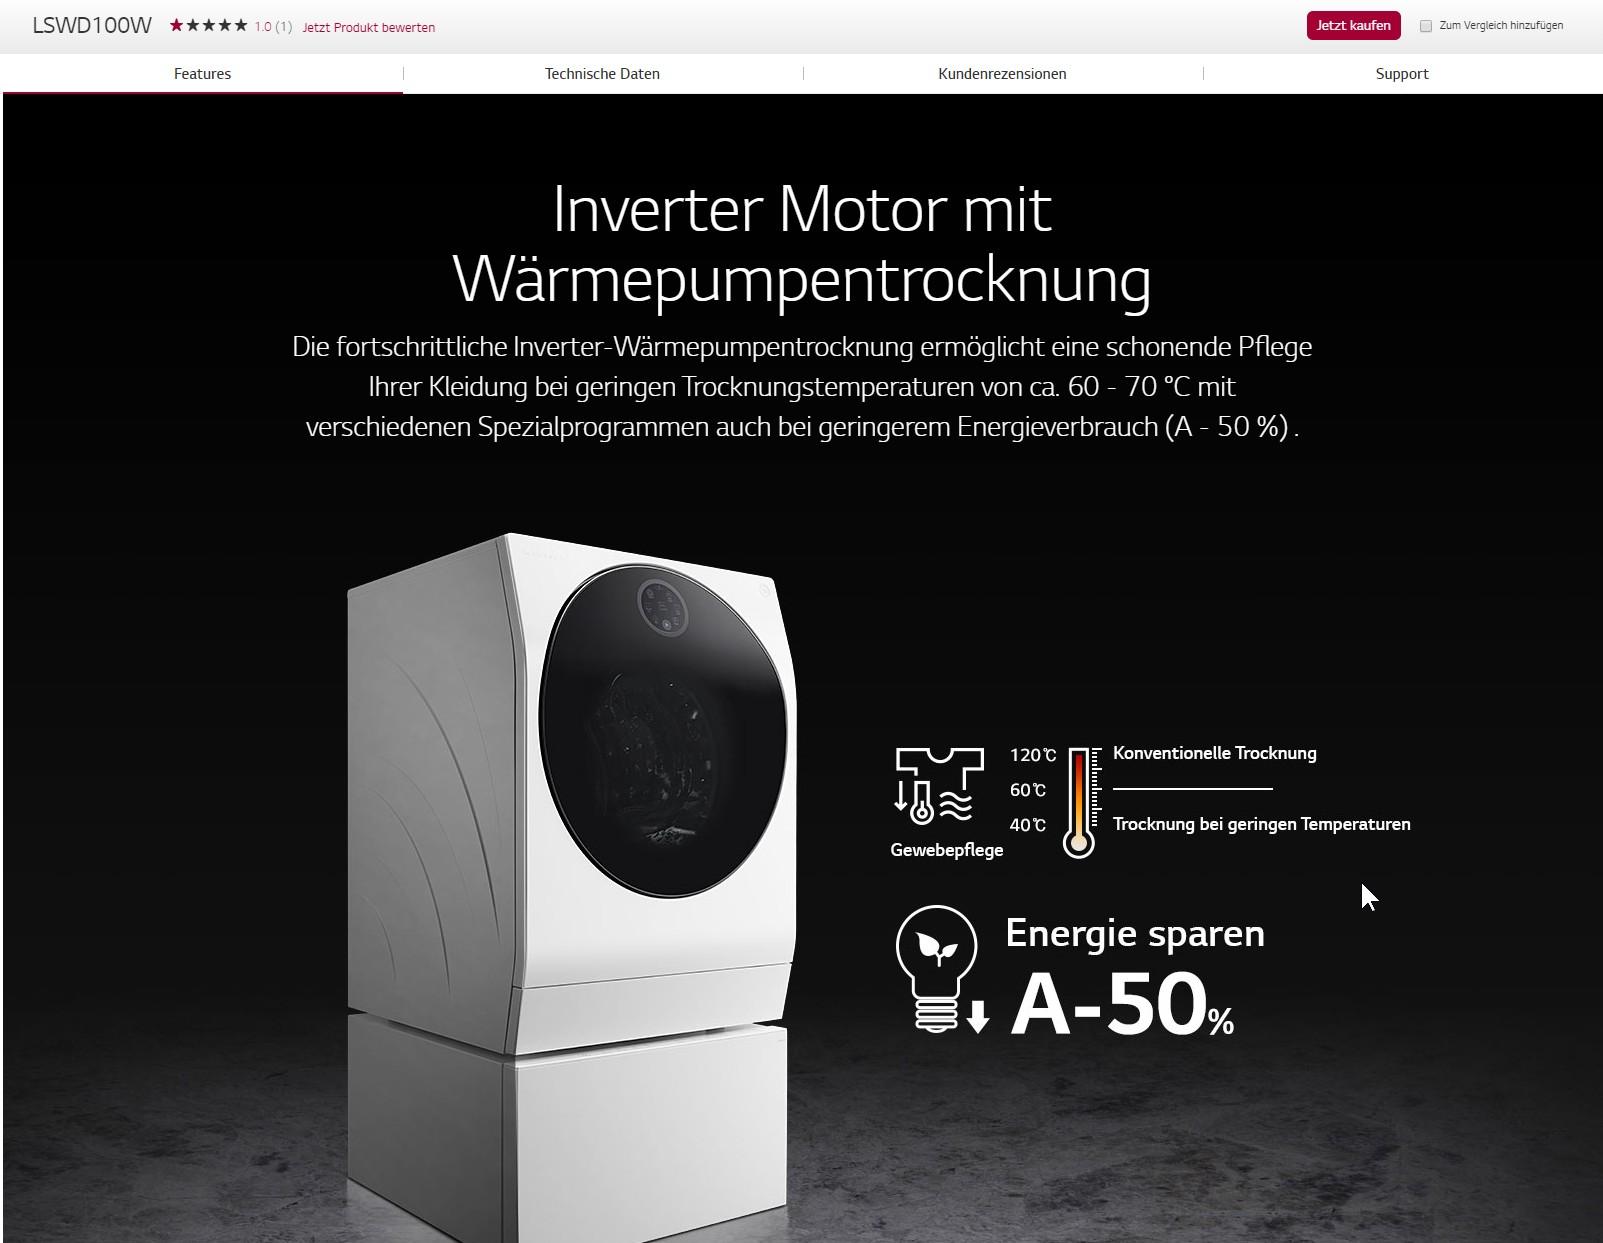 LG LSWD100W 標示烘乾溫度為60-70度C